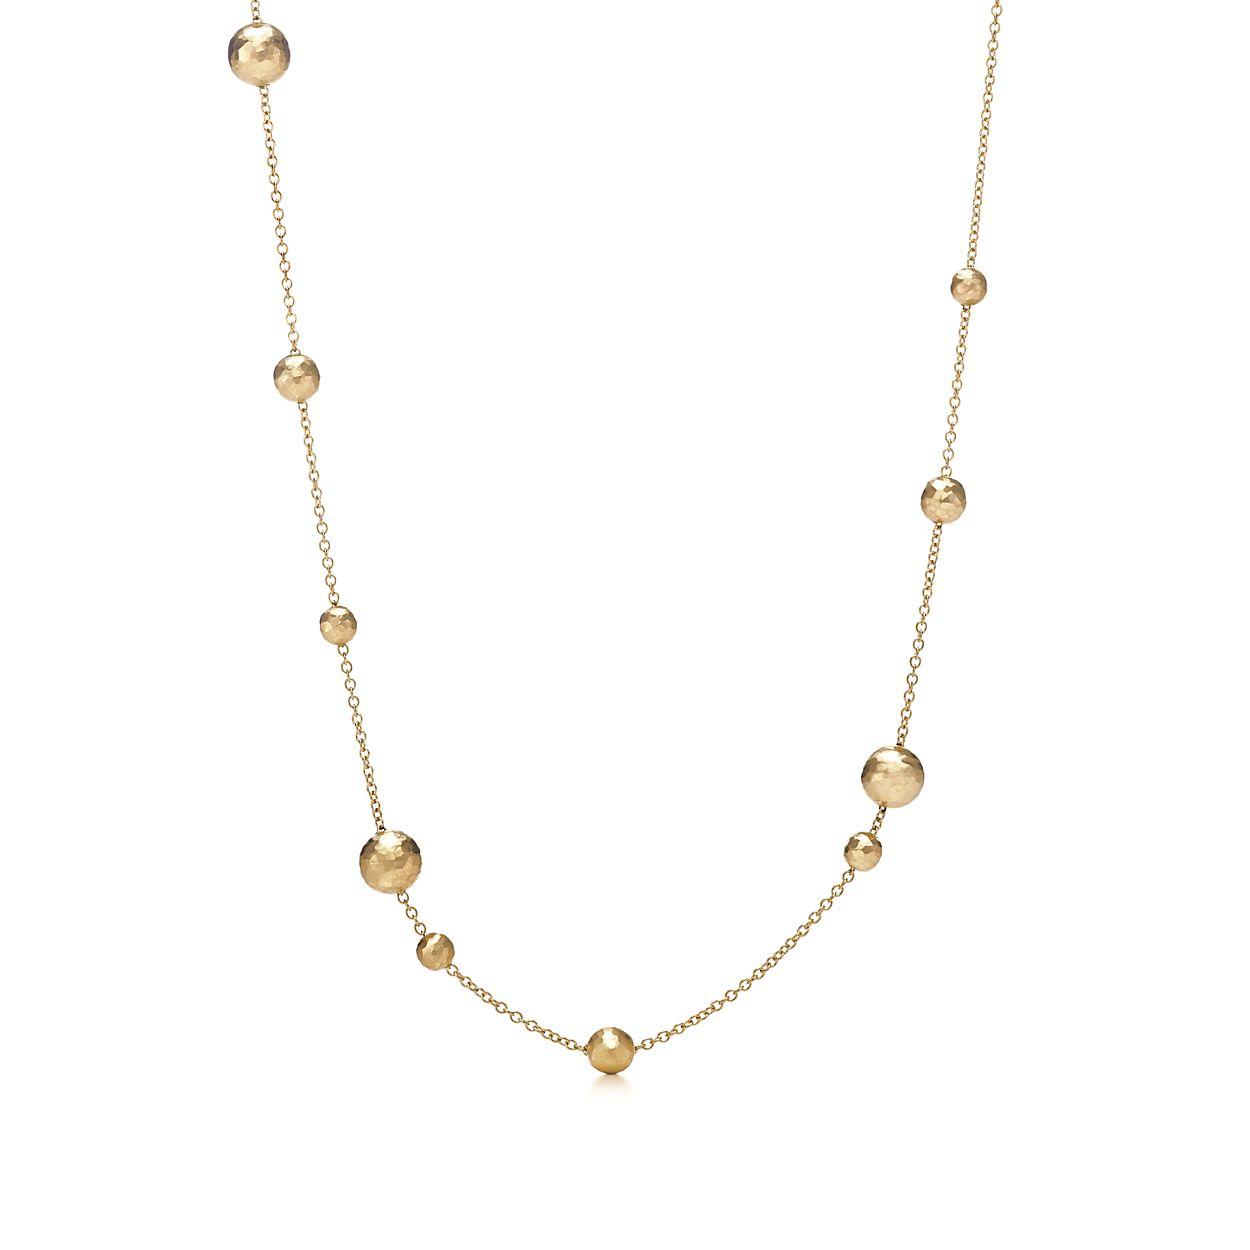 Chaîne De Perles En Or Blanc 18 Carats, 30 M De Longueur - Taille 30 Tiffany & Co.